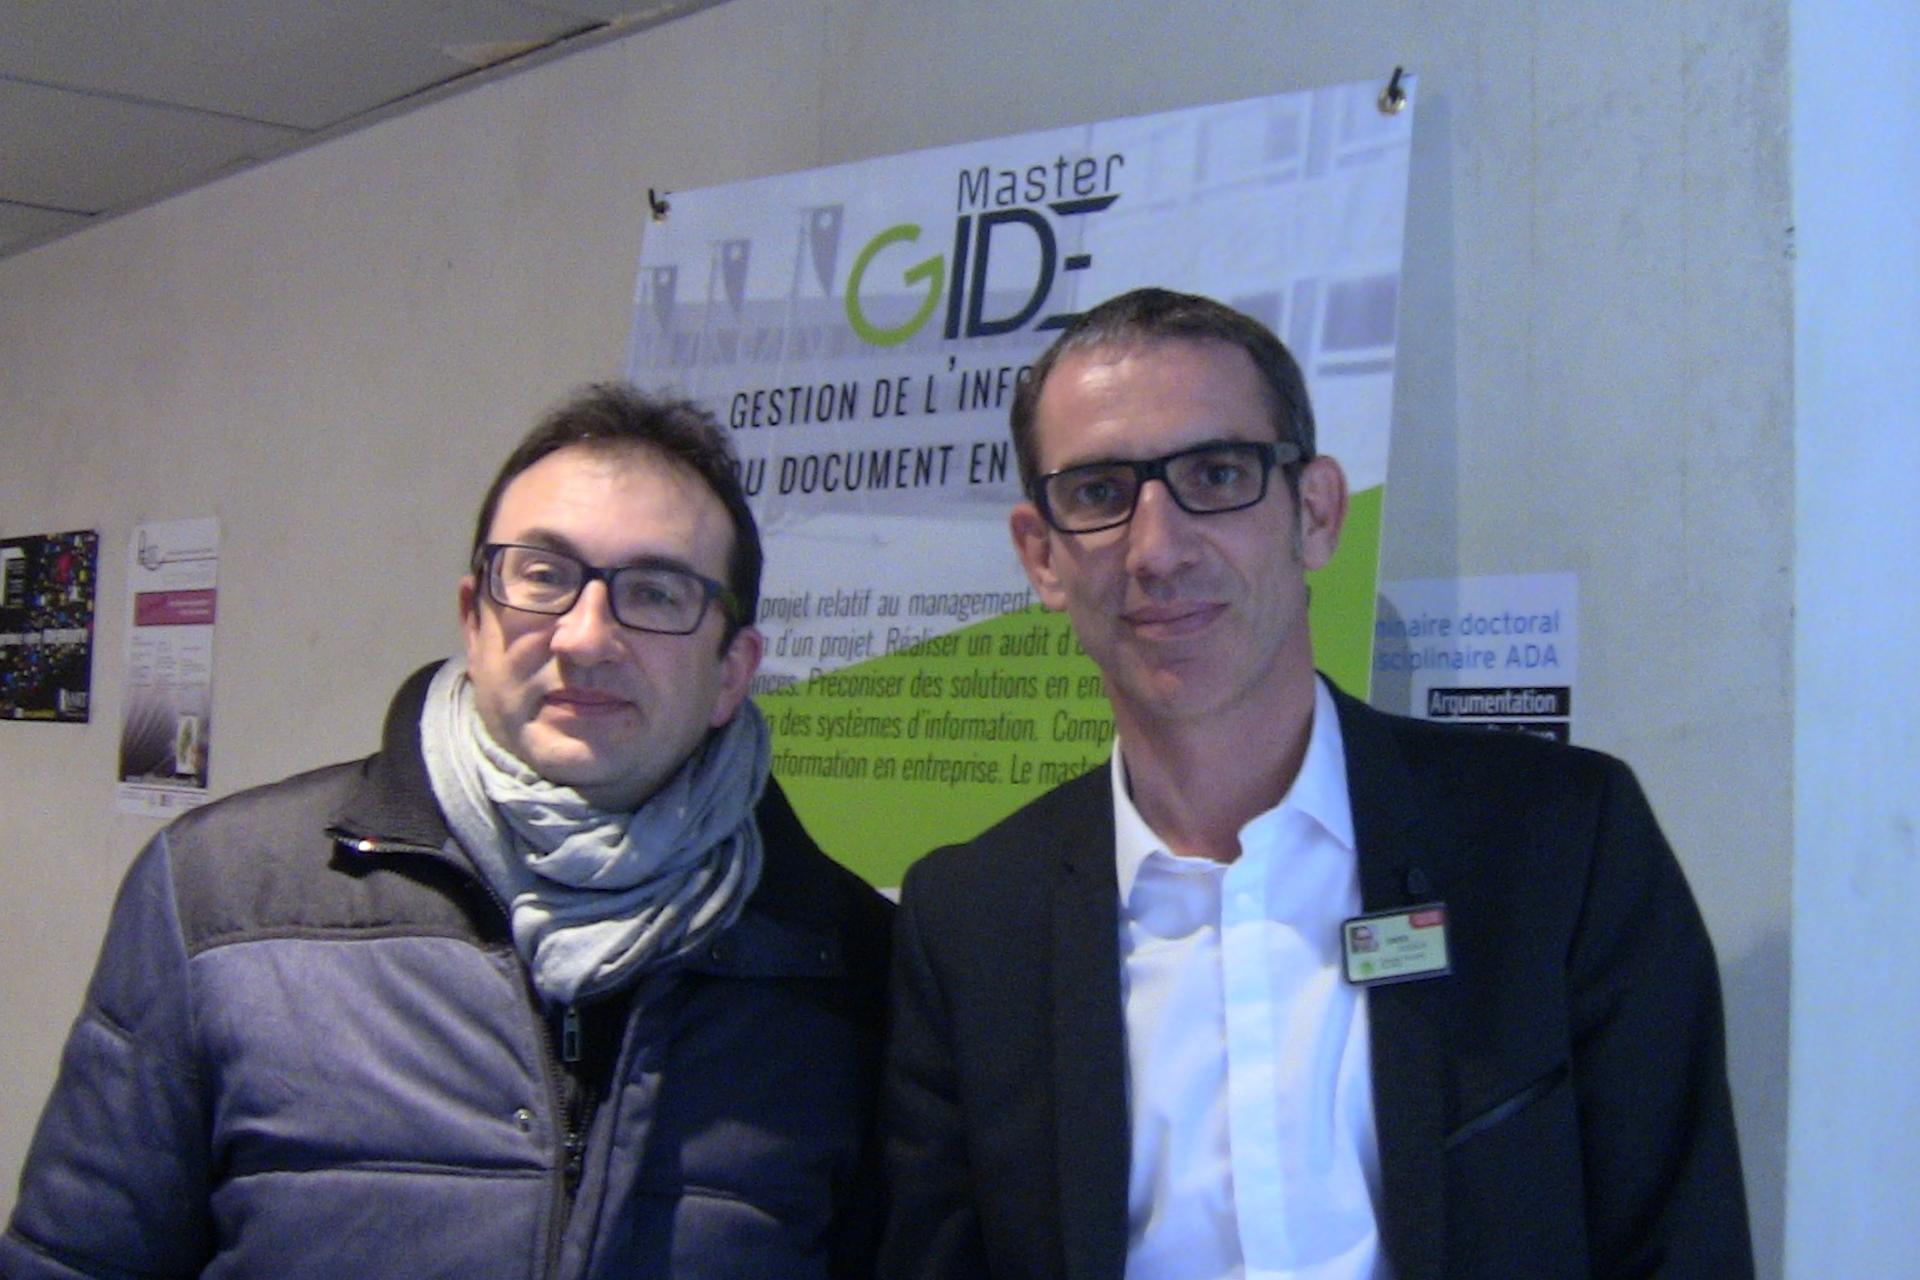 Alain Garnier et Xavier Gendron à la journée EGIDE'16